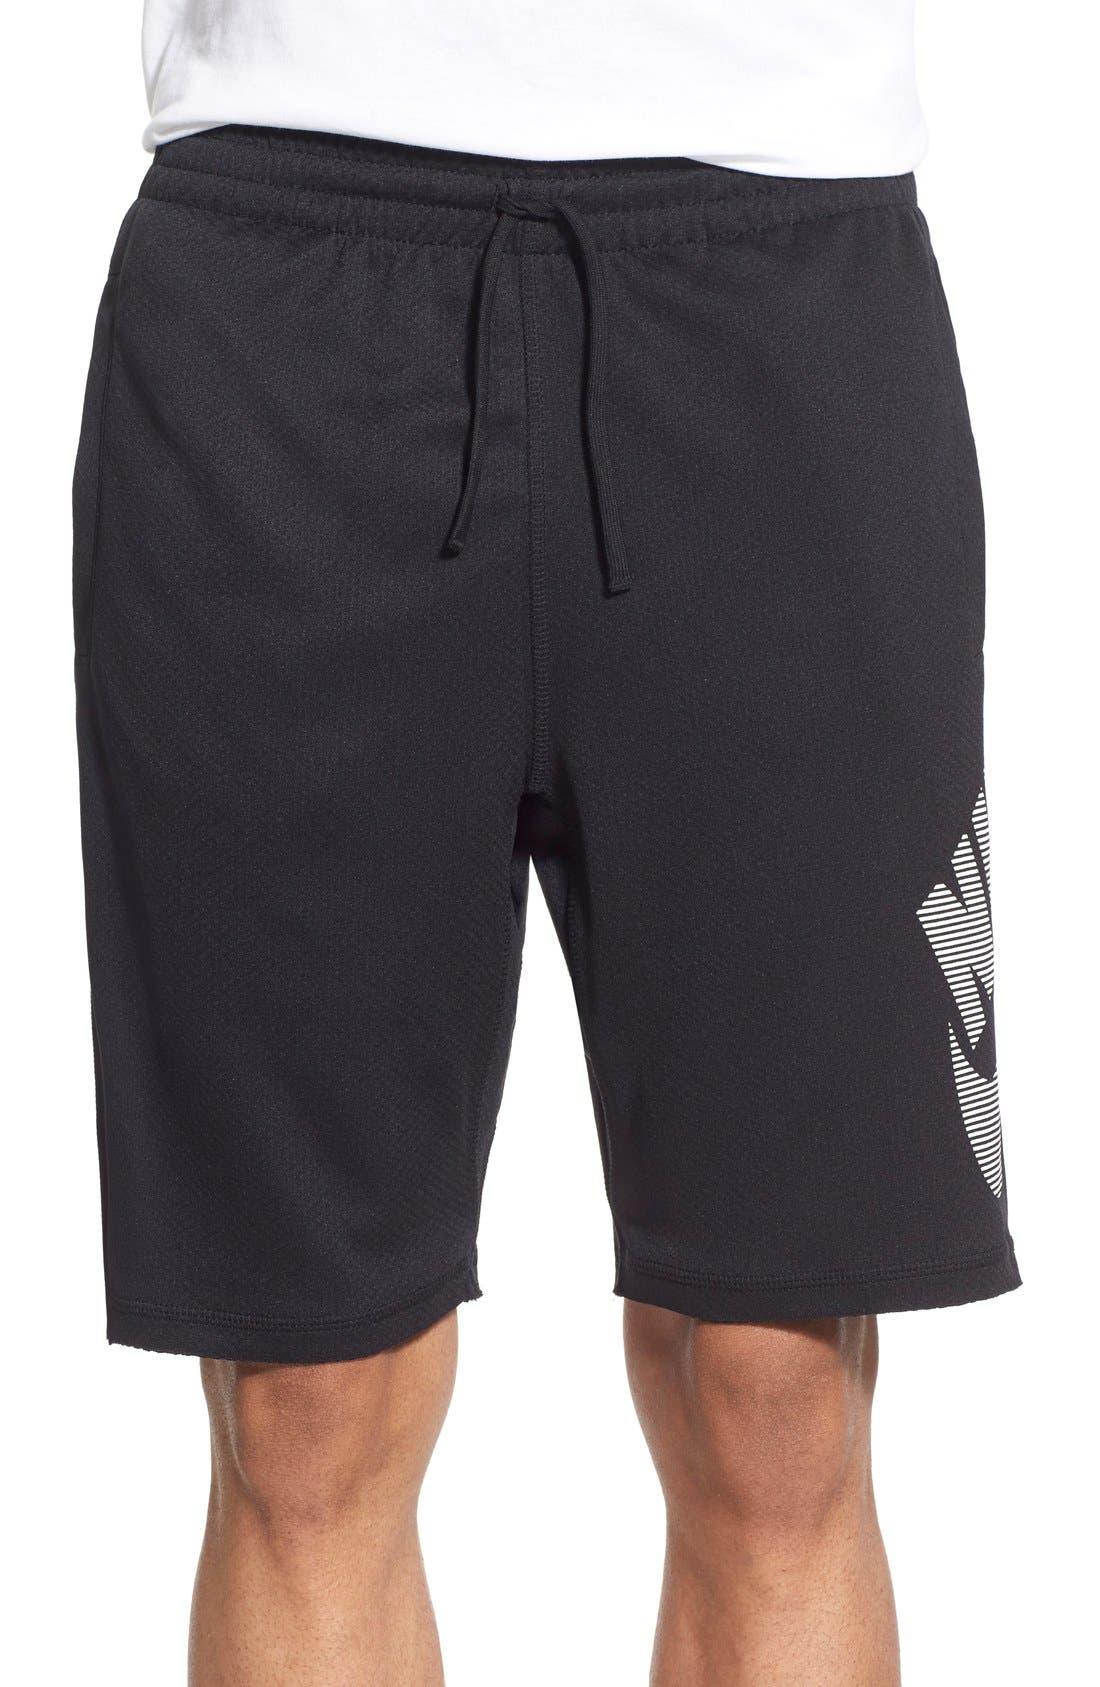 SB 'Stripe Sunday' Dri-FIT Shorts,                             Main thumbnail 1, color,                             Black/White